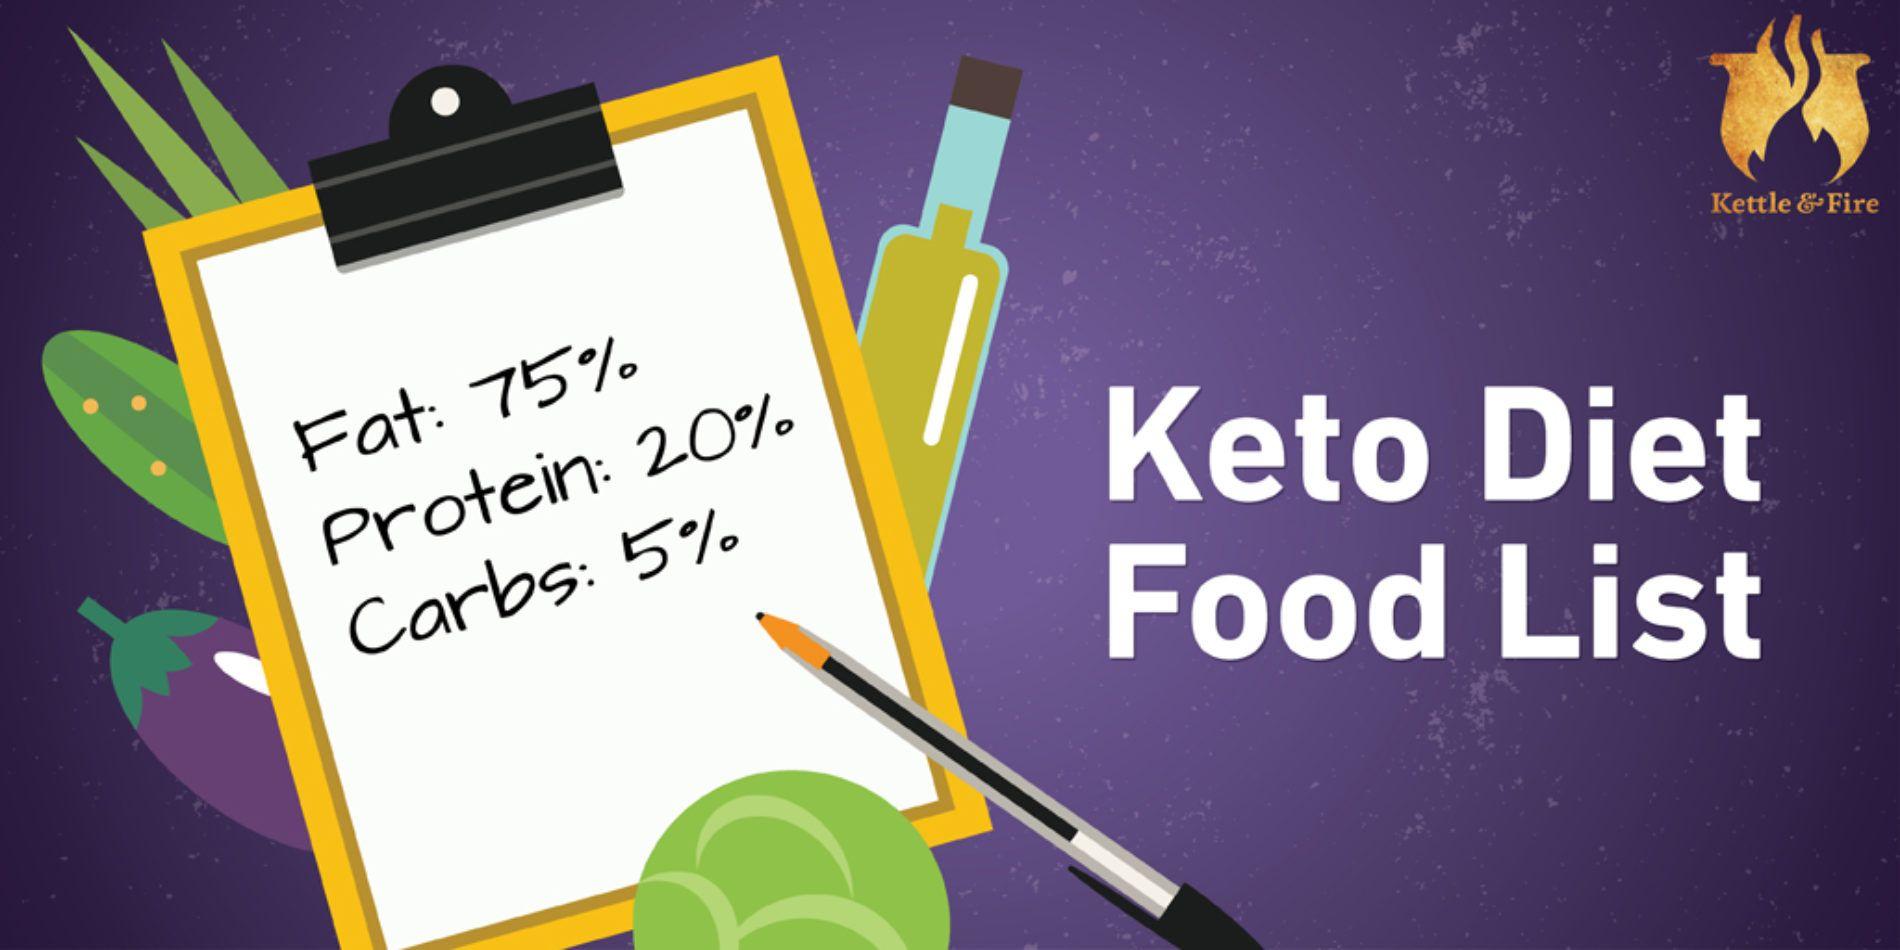 Pin by Teresa Hofferber on Diet - Ketos | Keto diet food ...